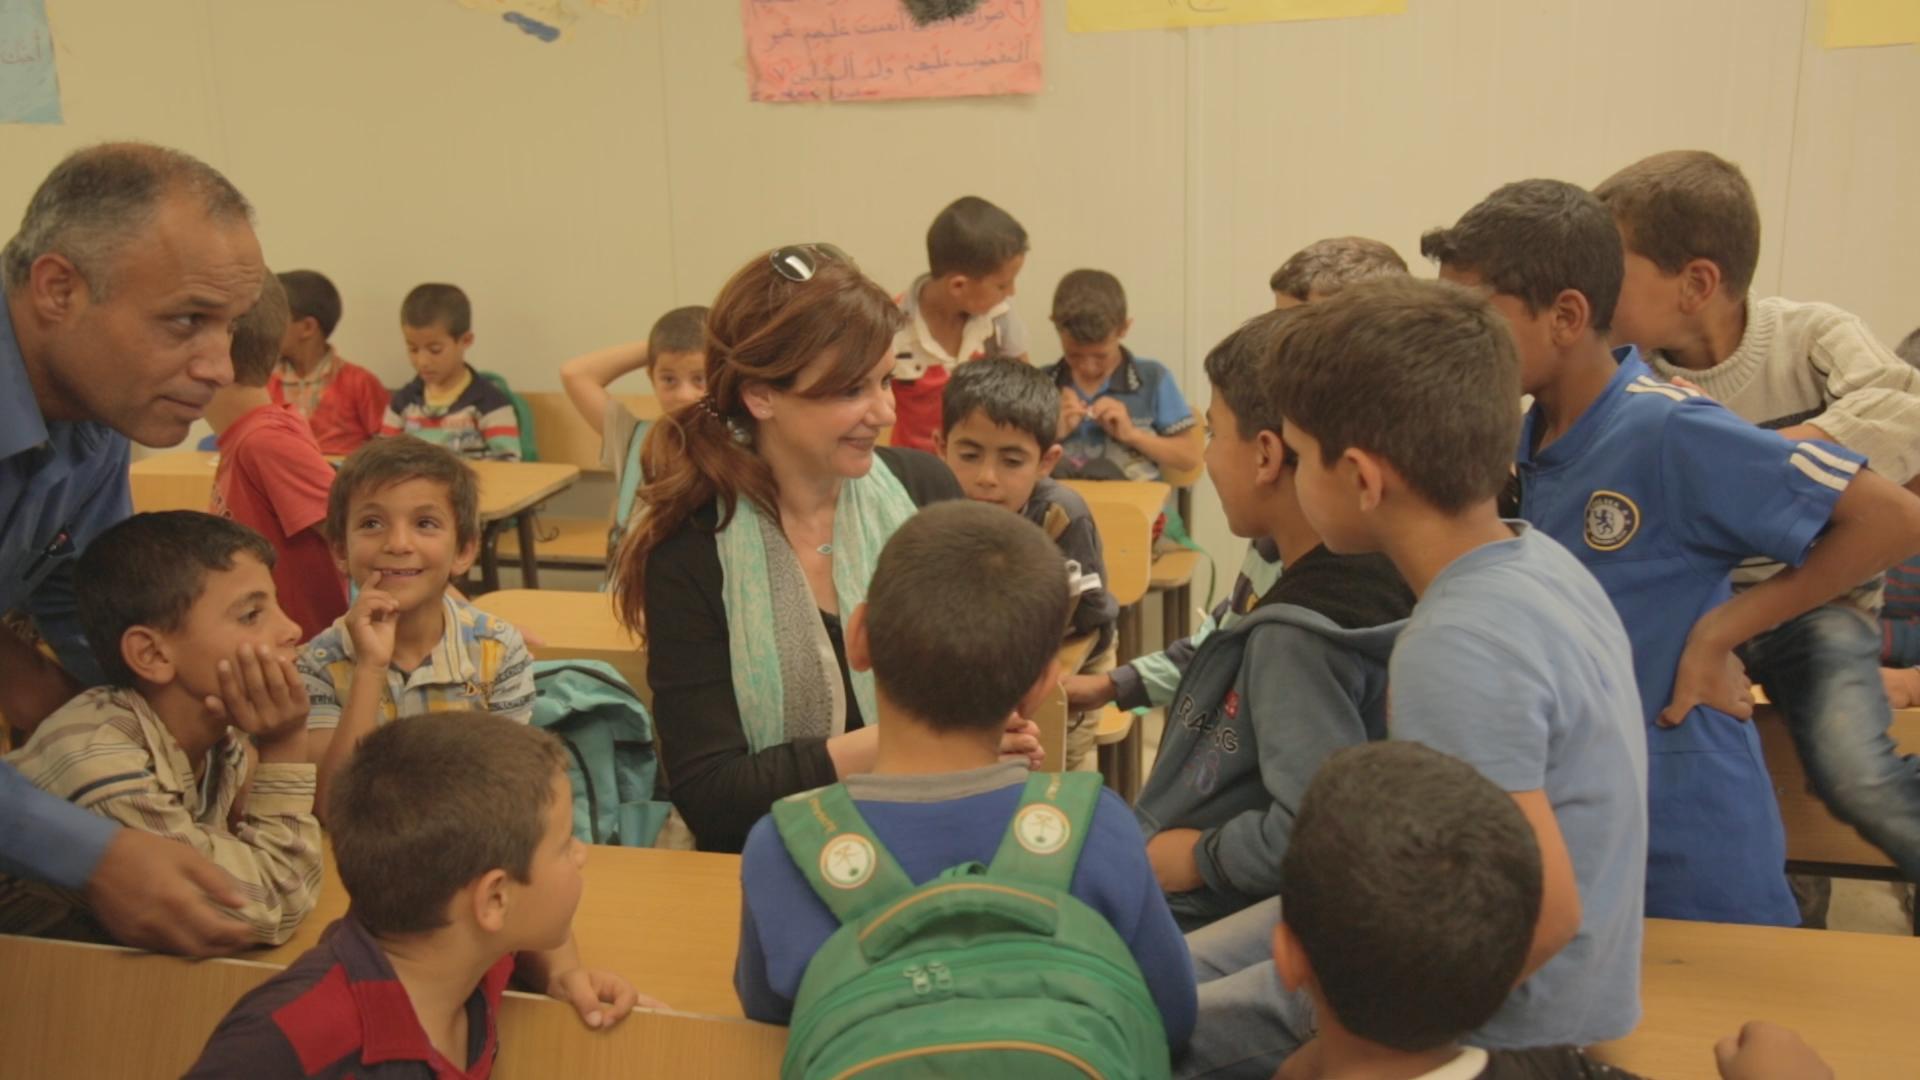 ΠΡΟΣΩΠΙΚΑ Ιορδανία προσφυγικός καταυλισμός Αλ Ζαάταρι (1)